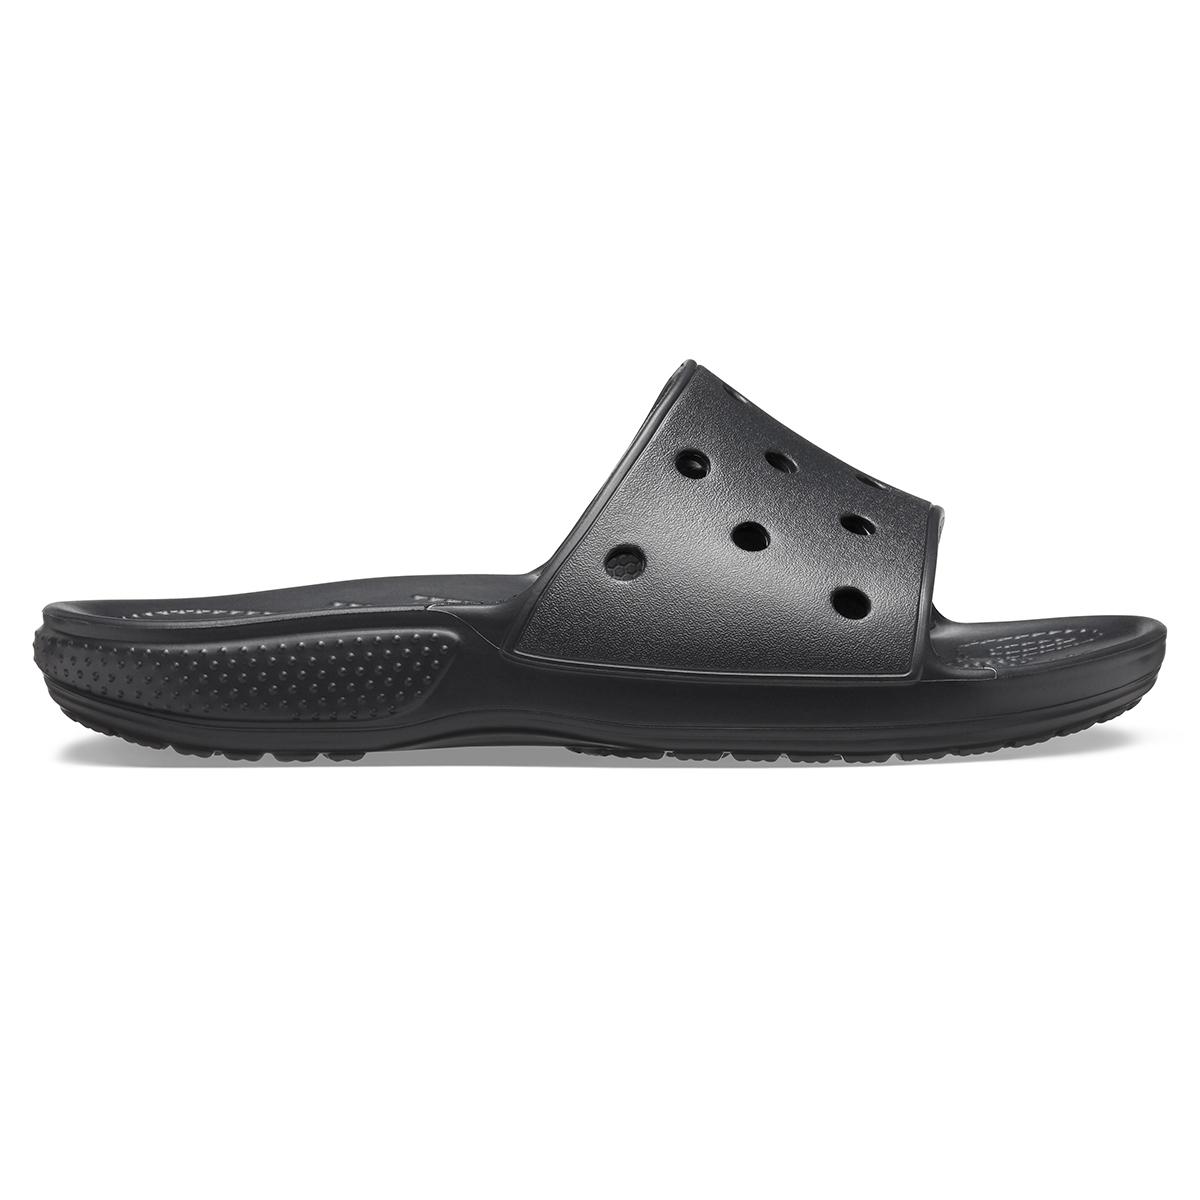 Classic Crocs Slide - Black